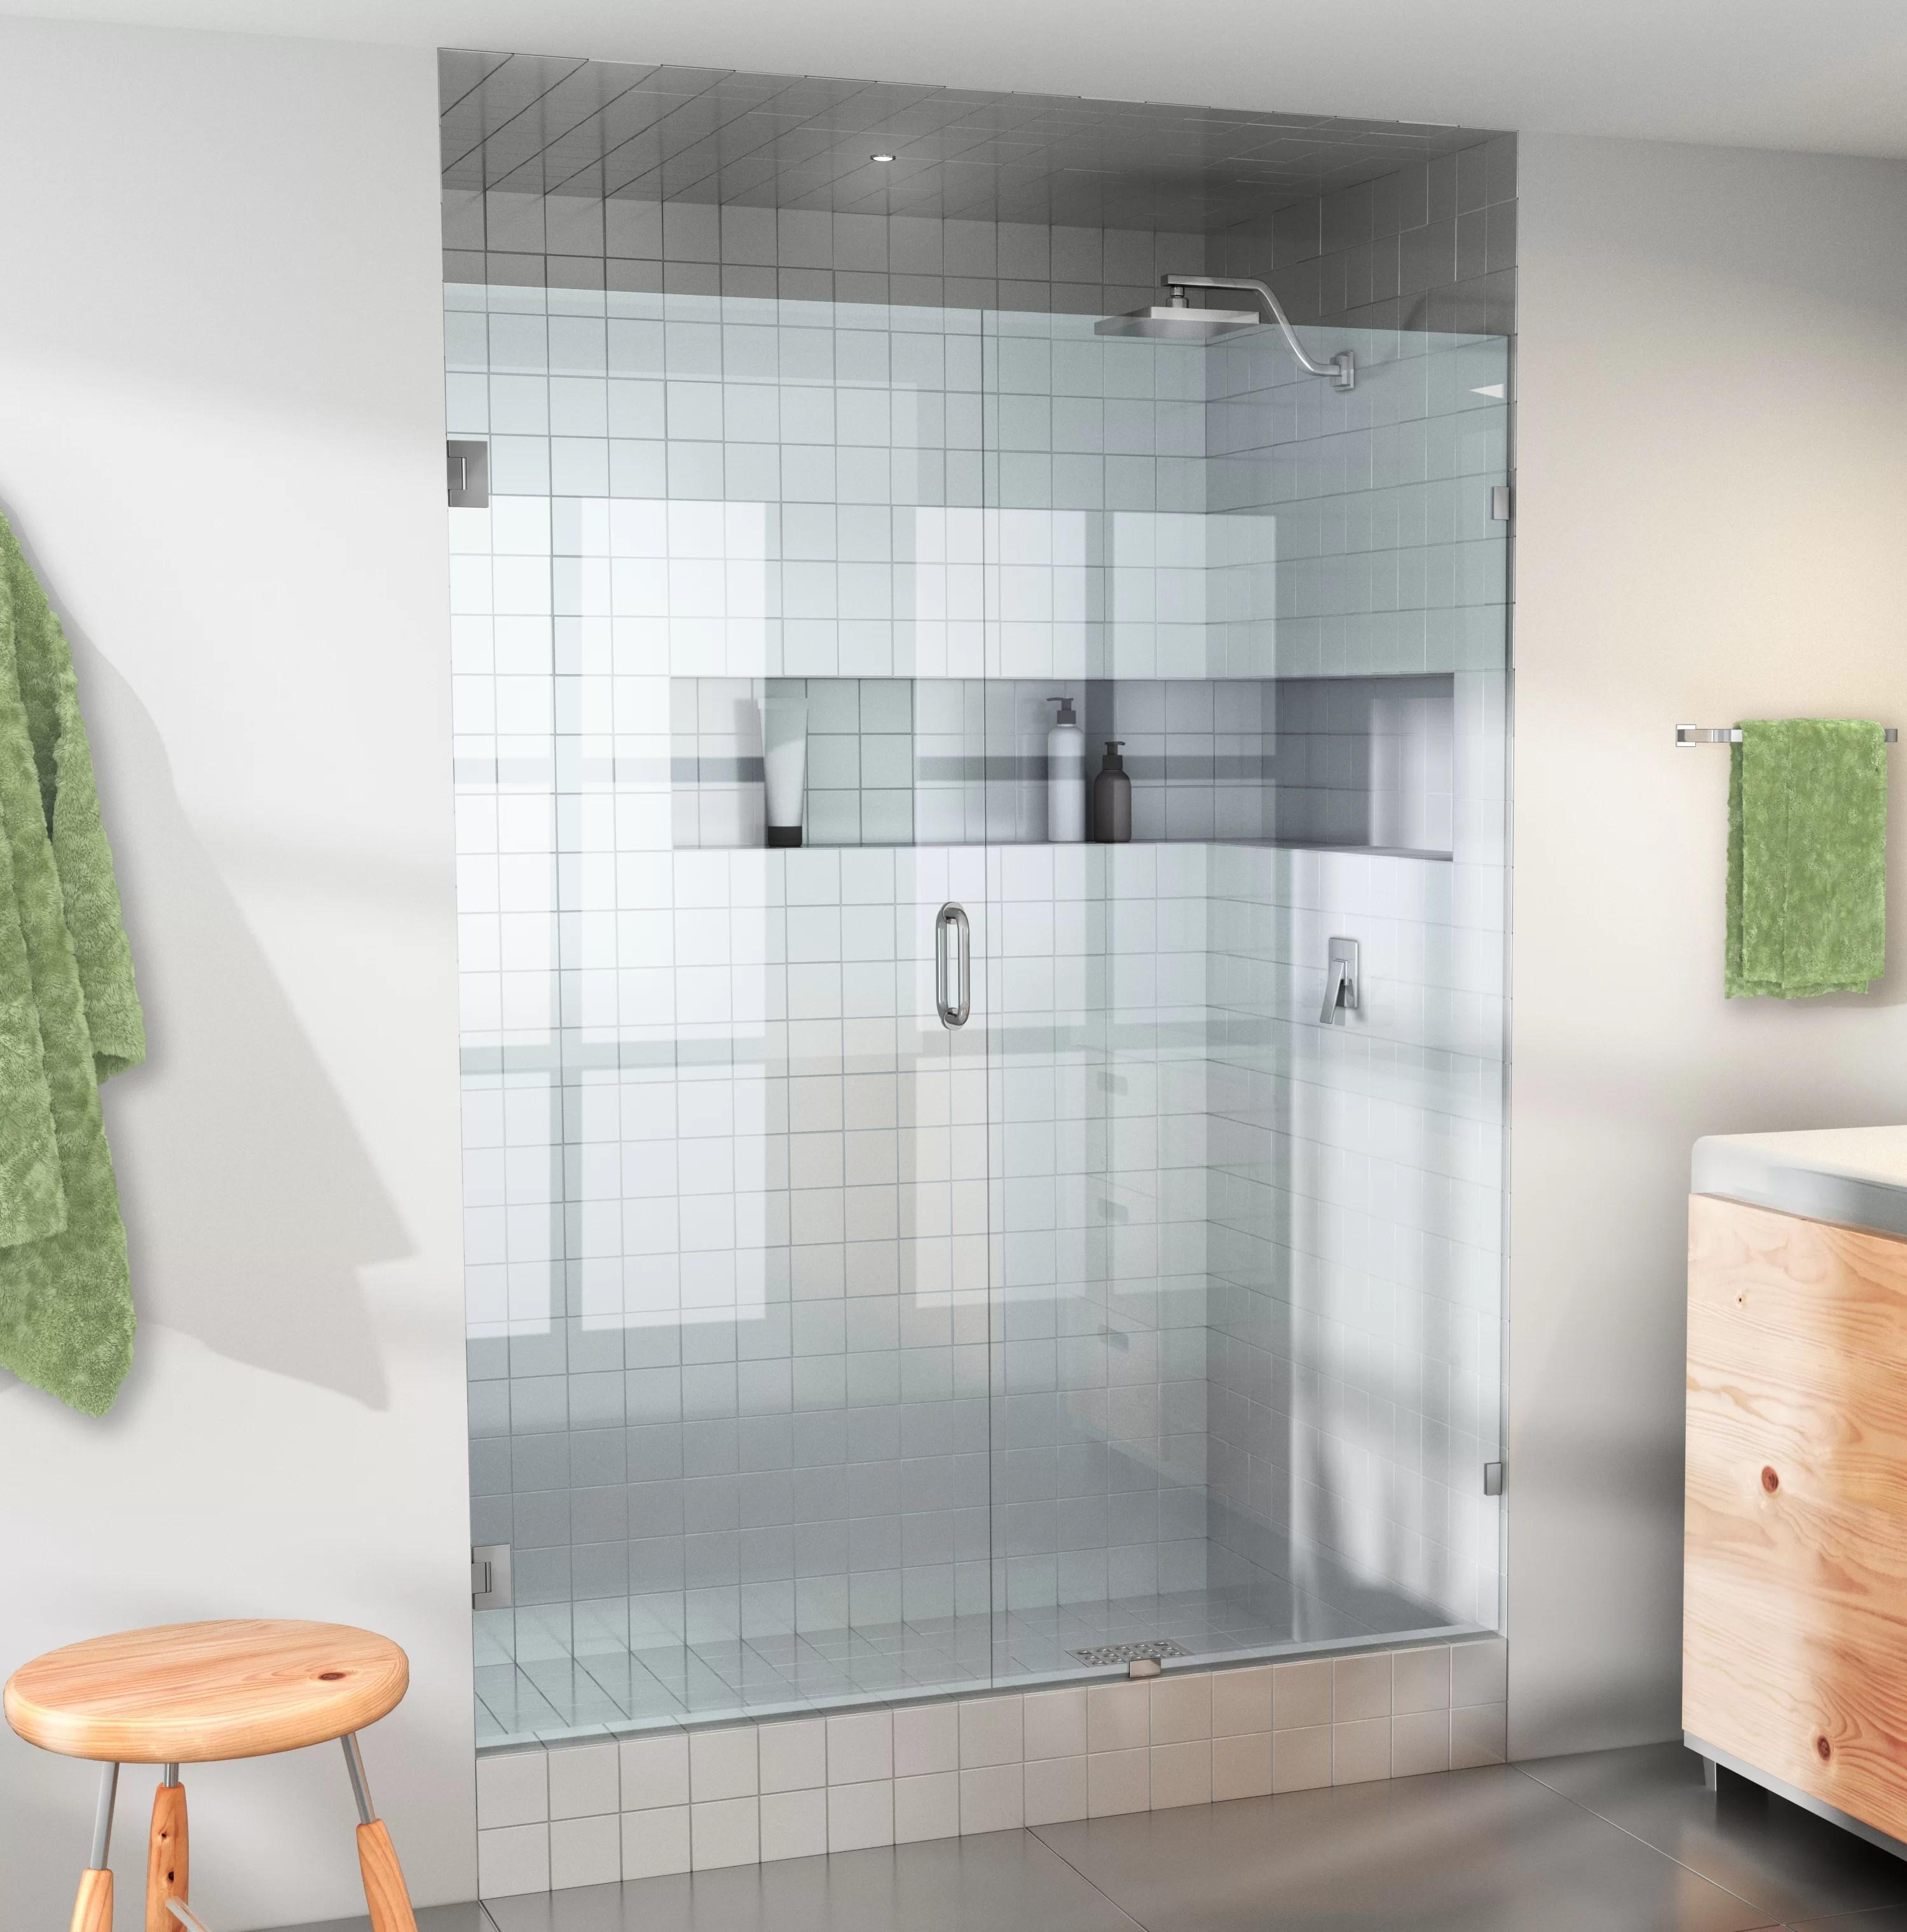 58 X 78 Hinged Frameless Shower Door